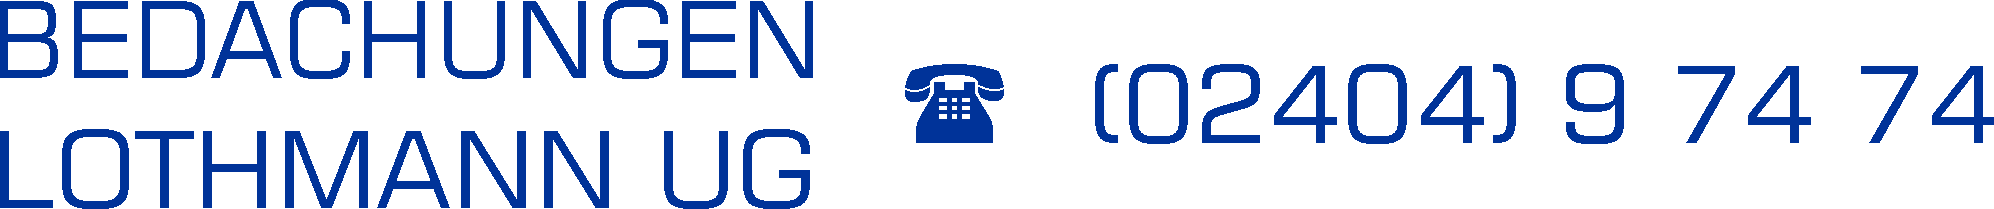 nur-text-und-telefon.png